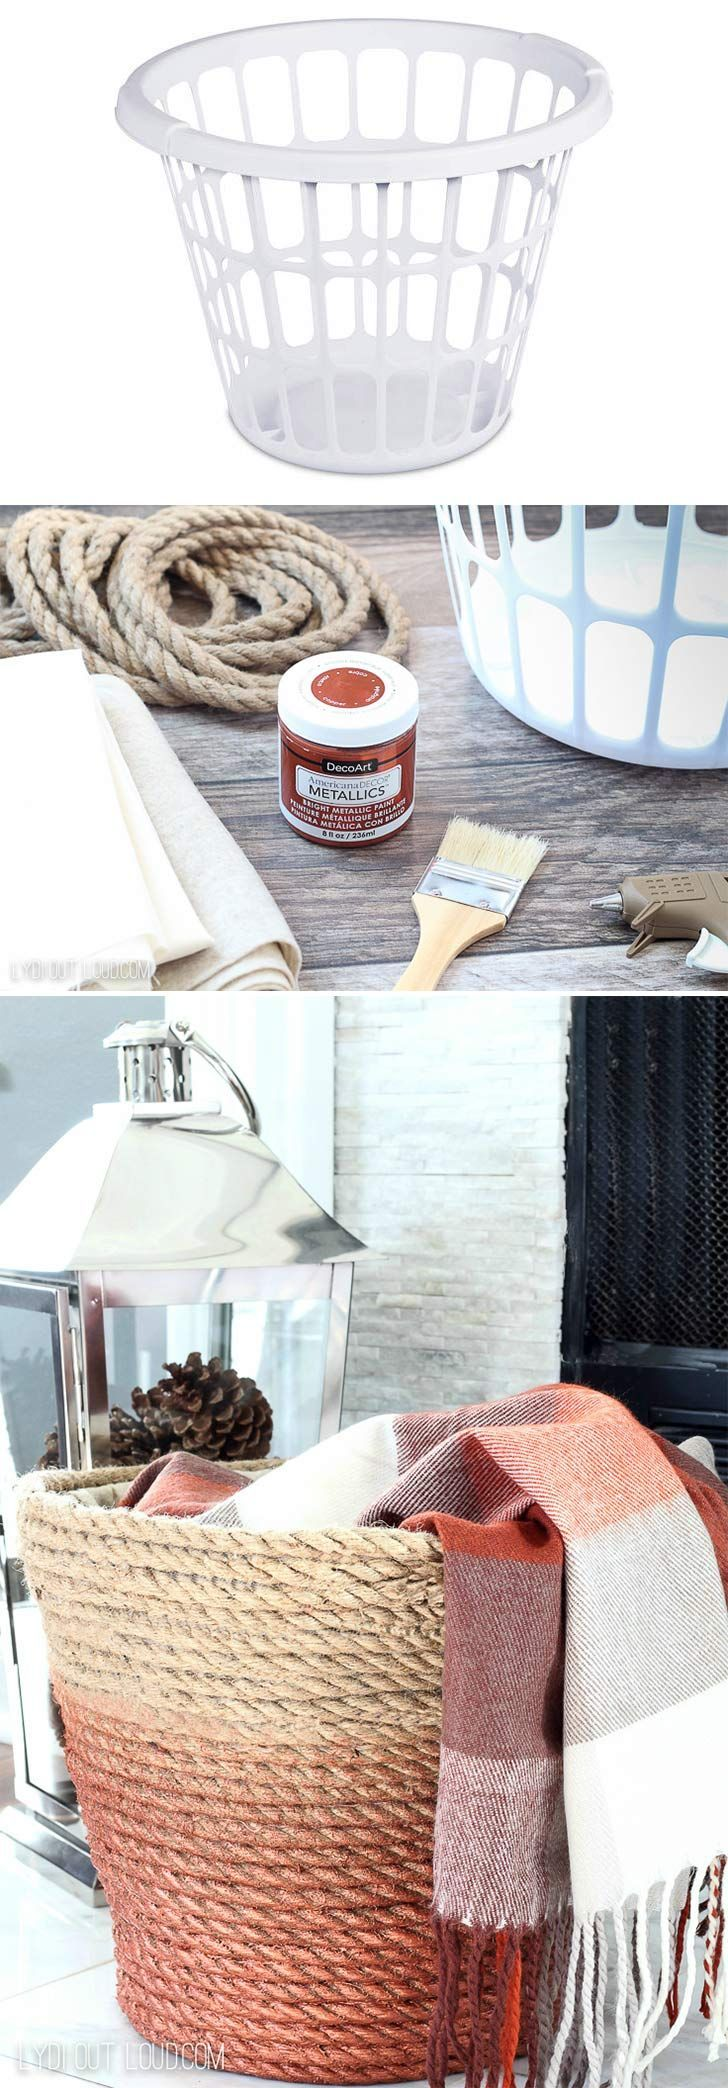 20+ Ideas De Decoración Para El Hogar Que Son Muy Ingeniosas   #decoracion #